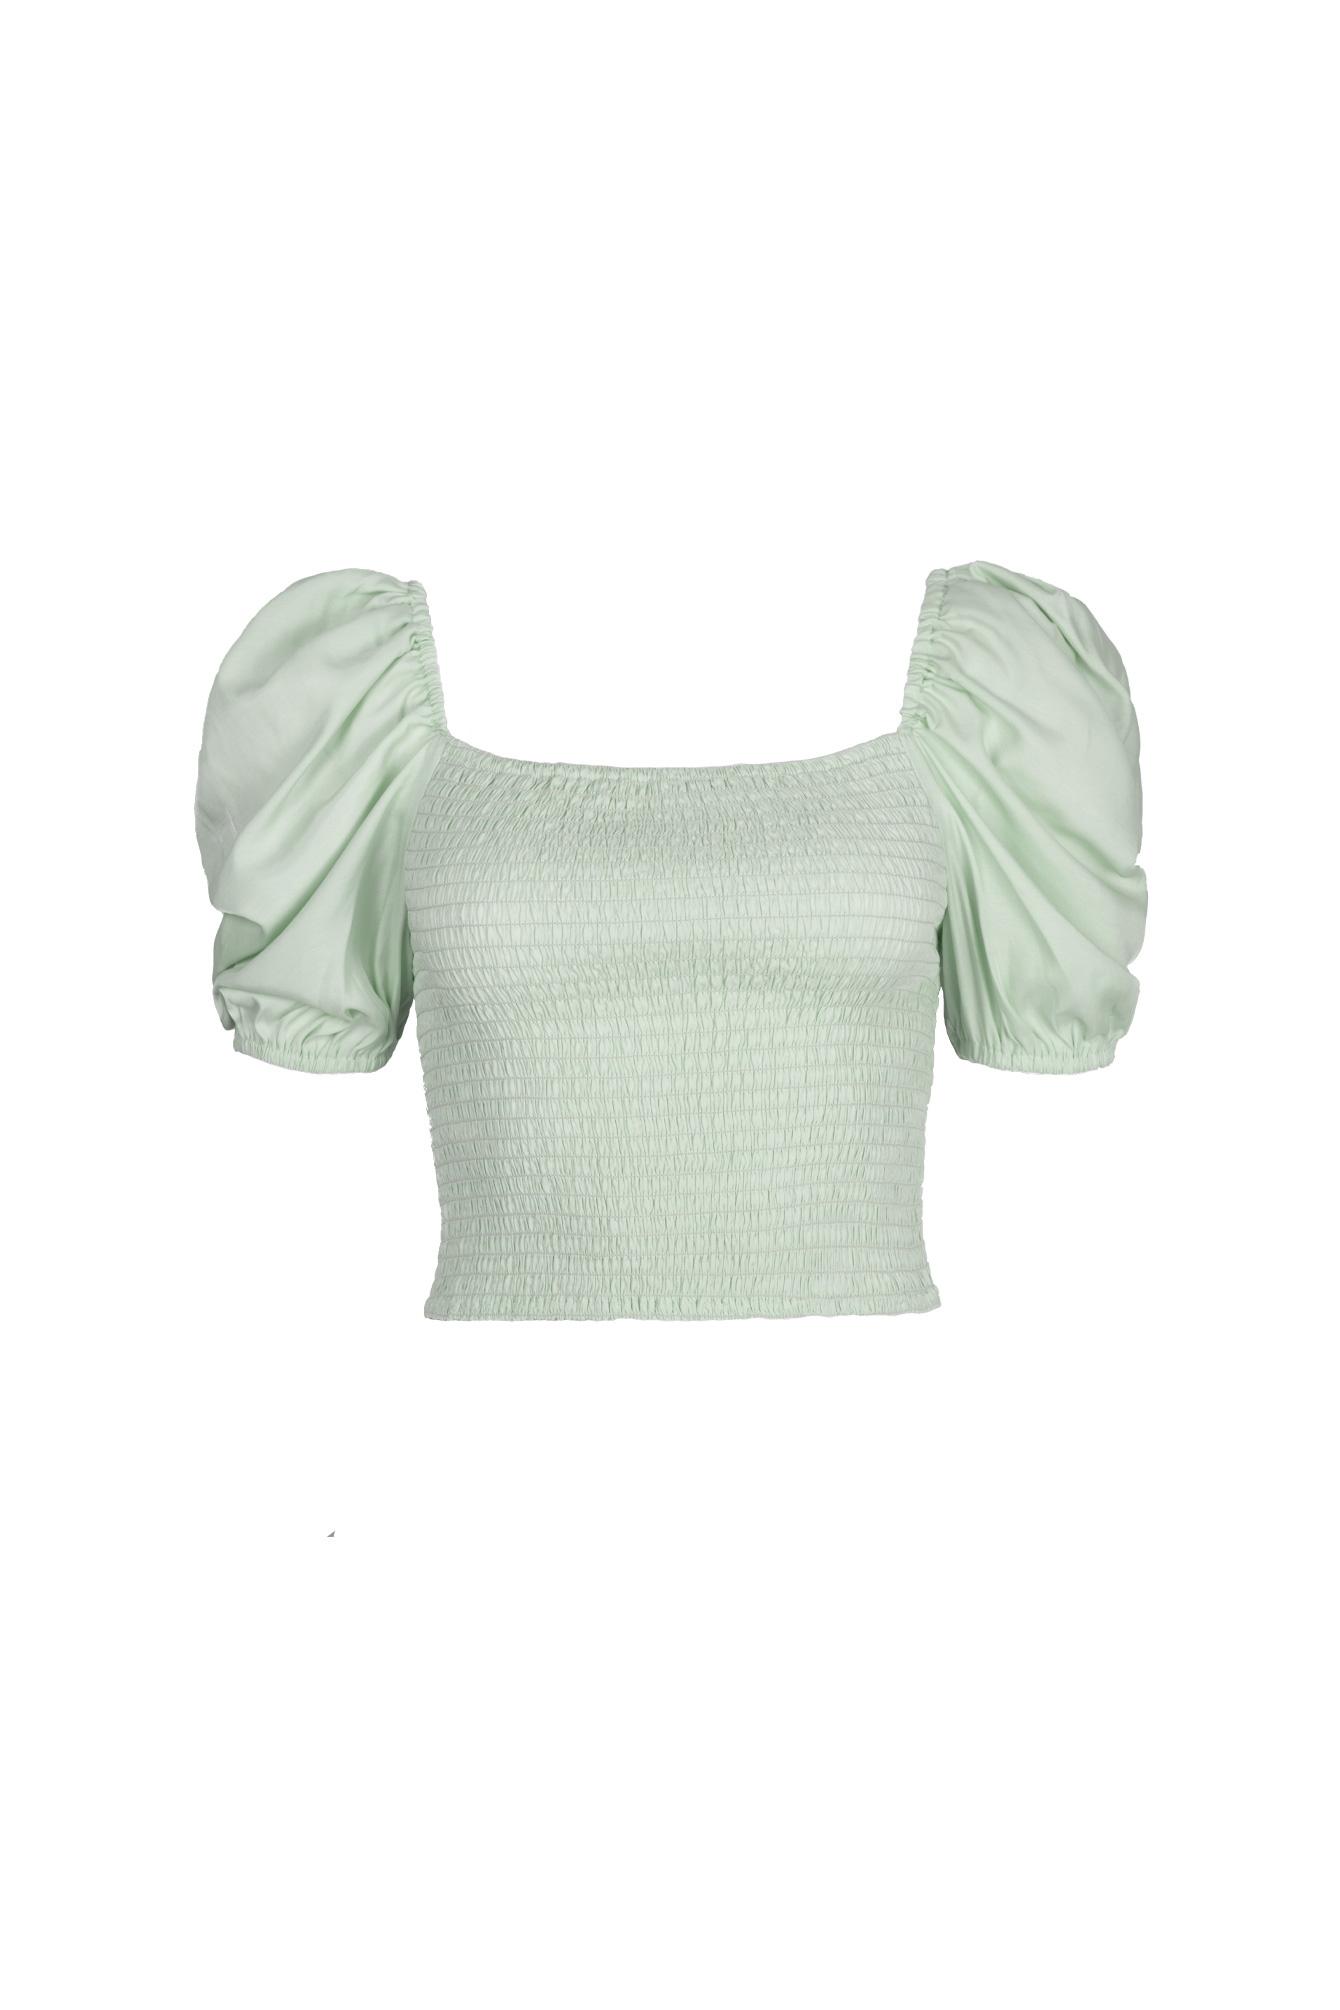 Off shoulder crop top mint groen